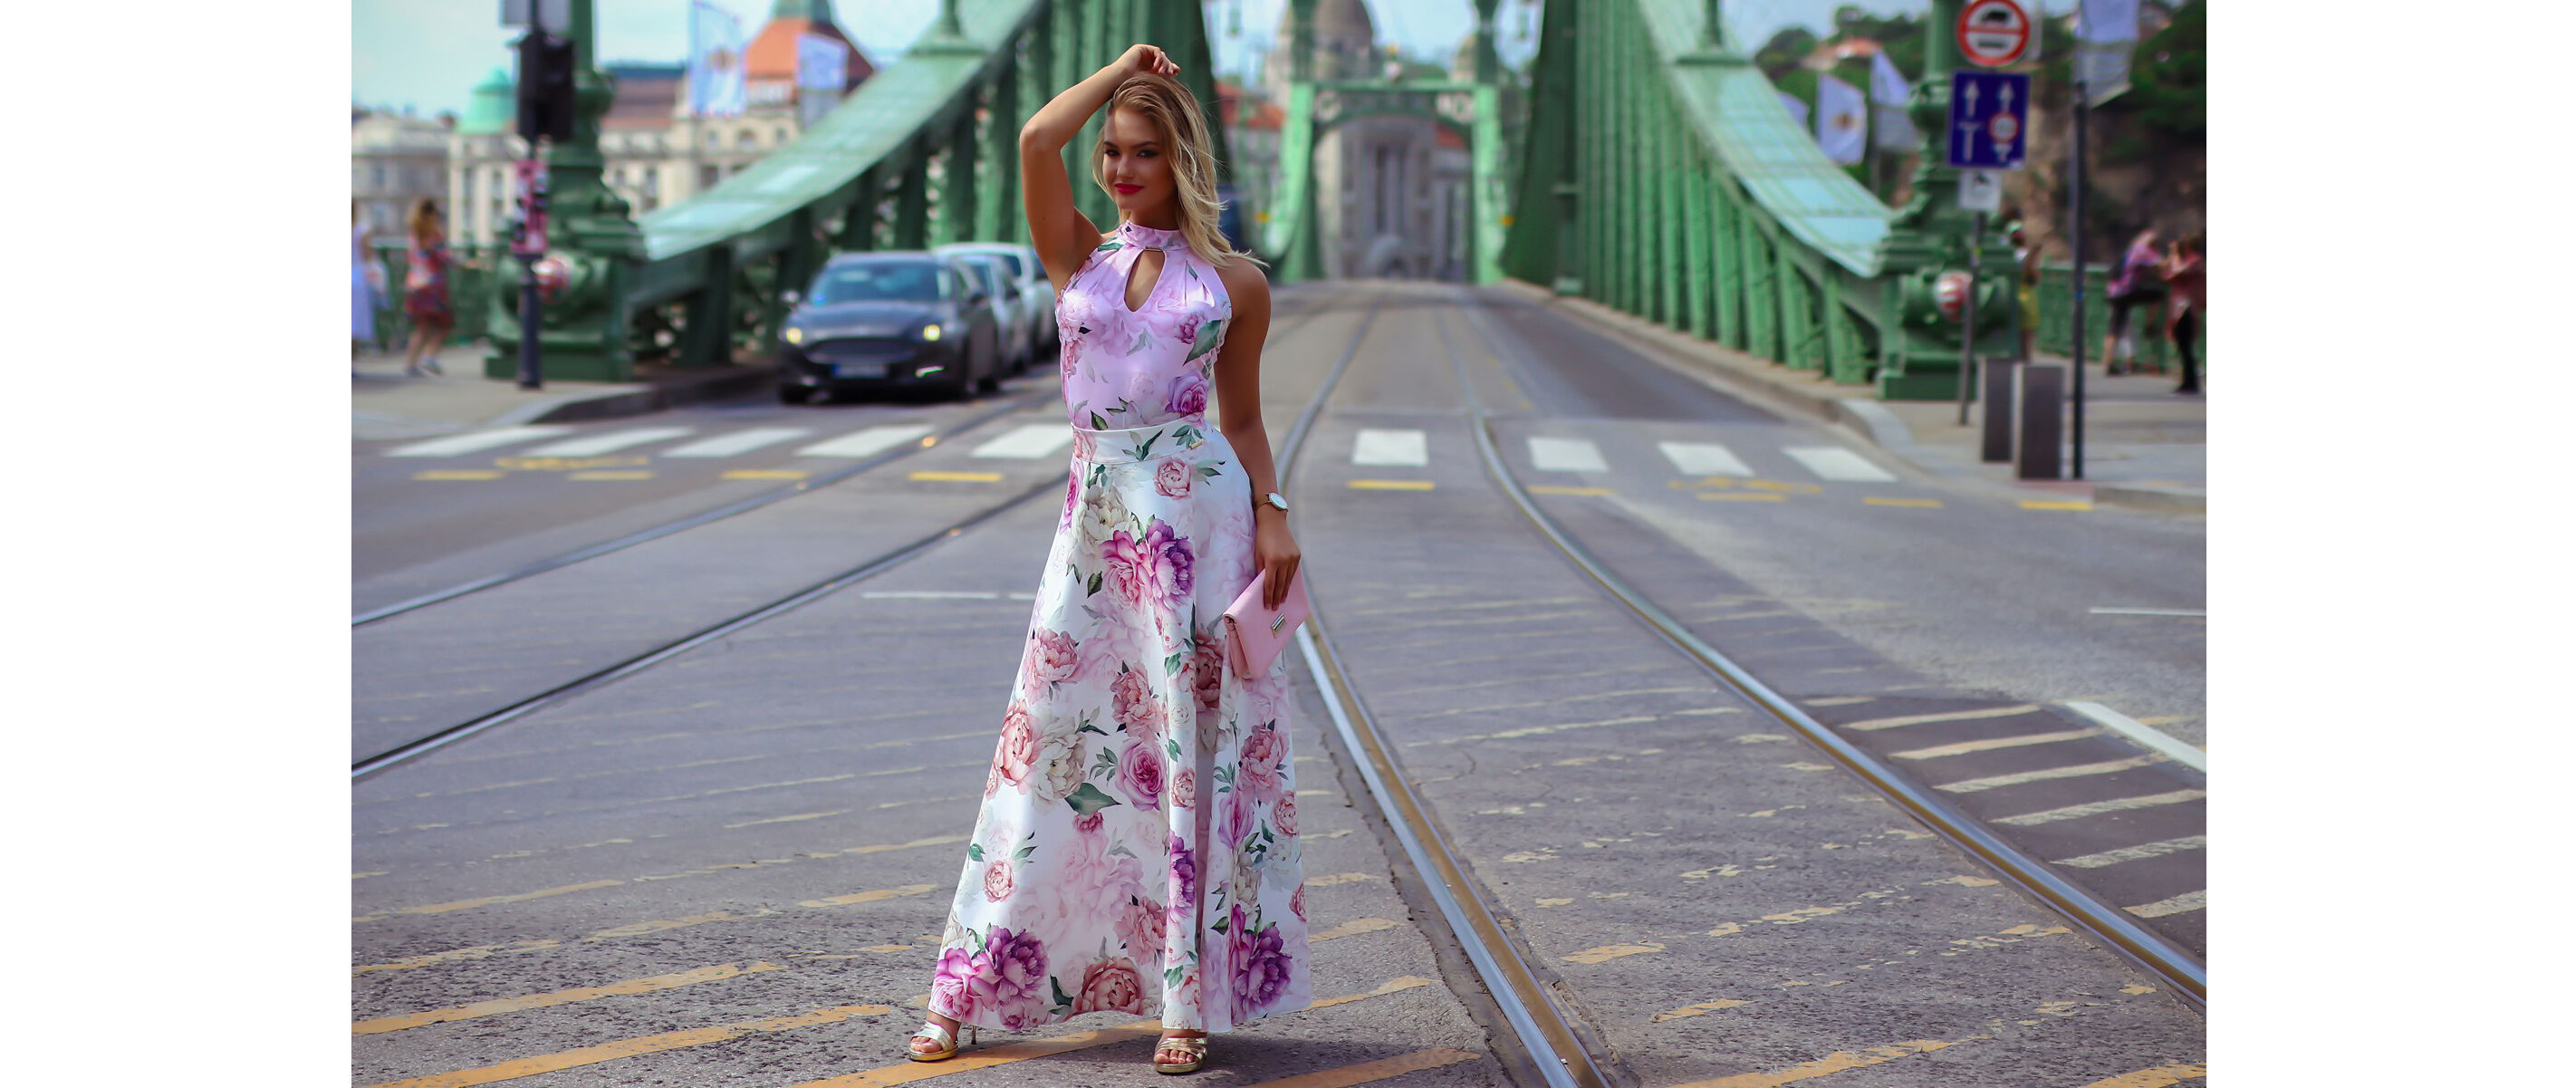 92473371a3 eKollekcio.hu Fashion - Mystic day, Tara, Mya, T&T